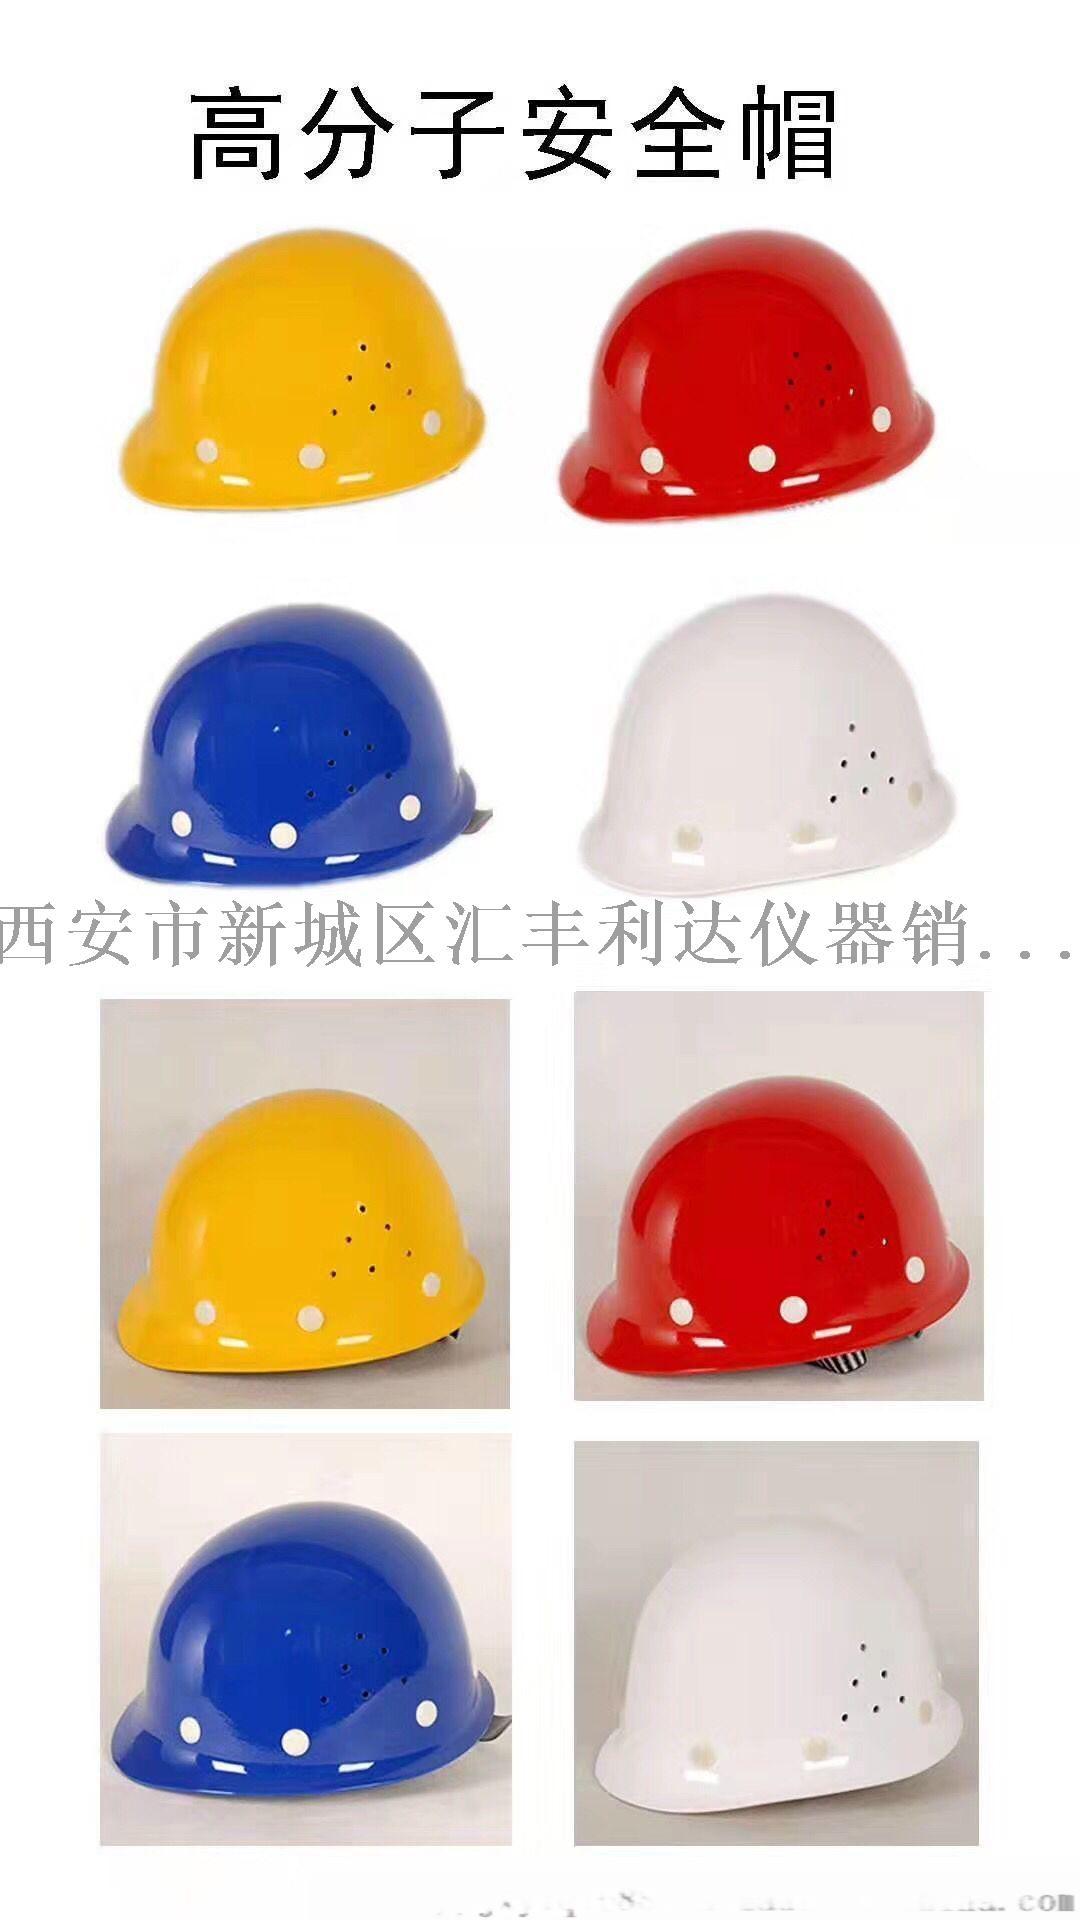 西安安全帽玻璃鋼安全帽13659259282838478585